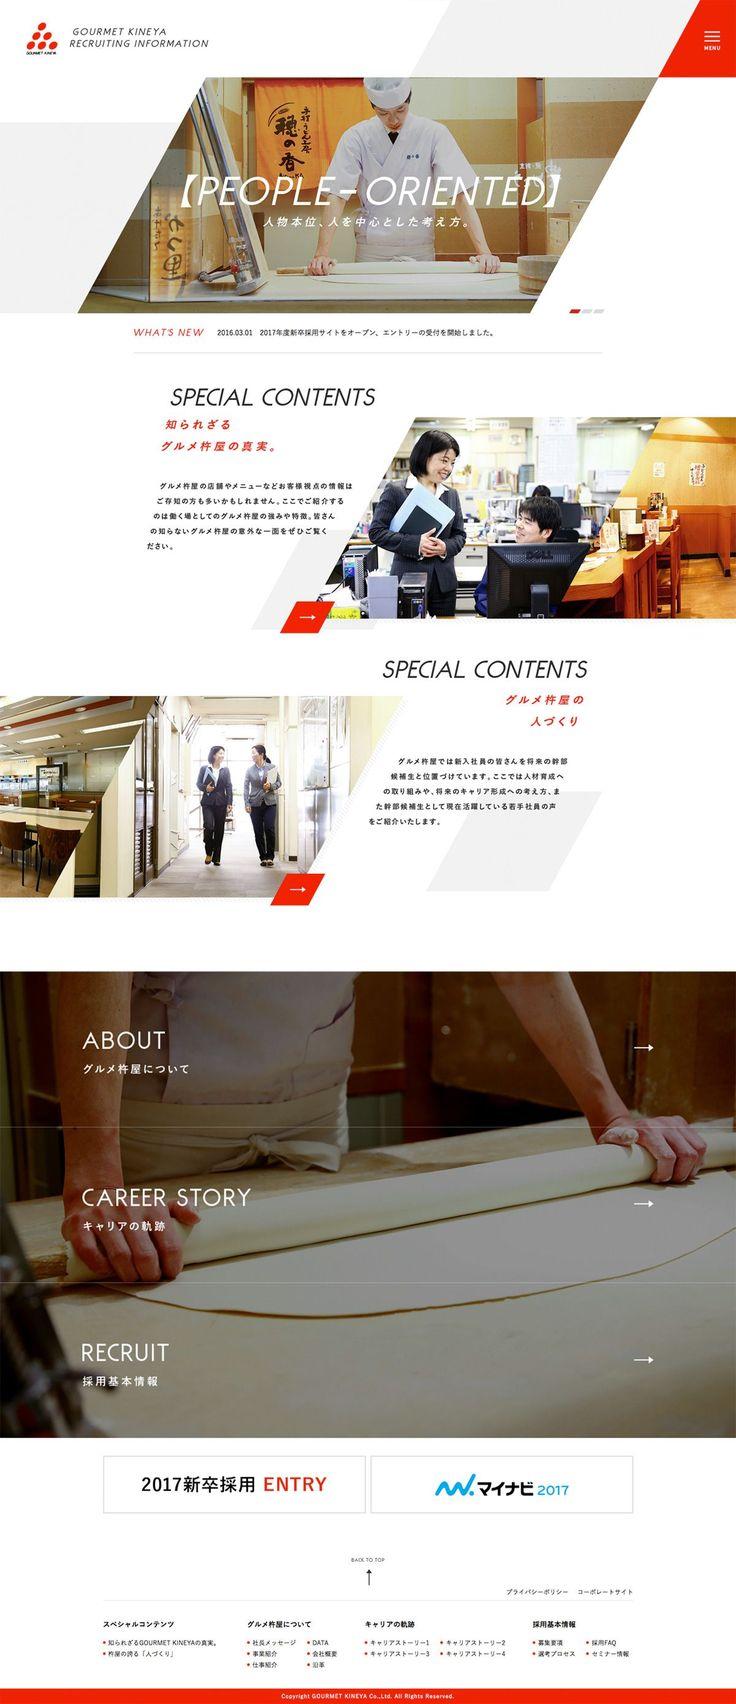 WEBデザイン / 株式会社グルメ杵屋 / 新卒採用サイト